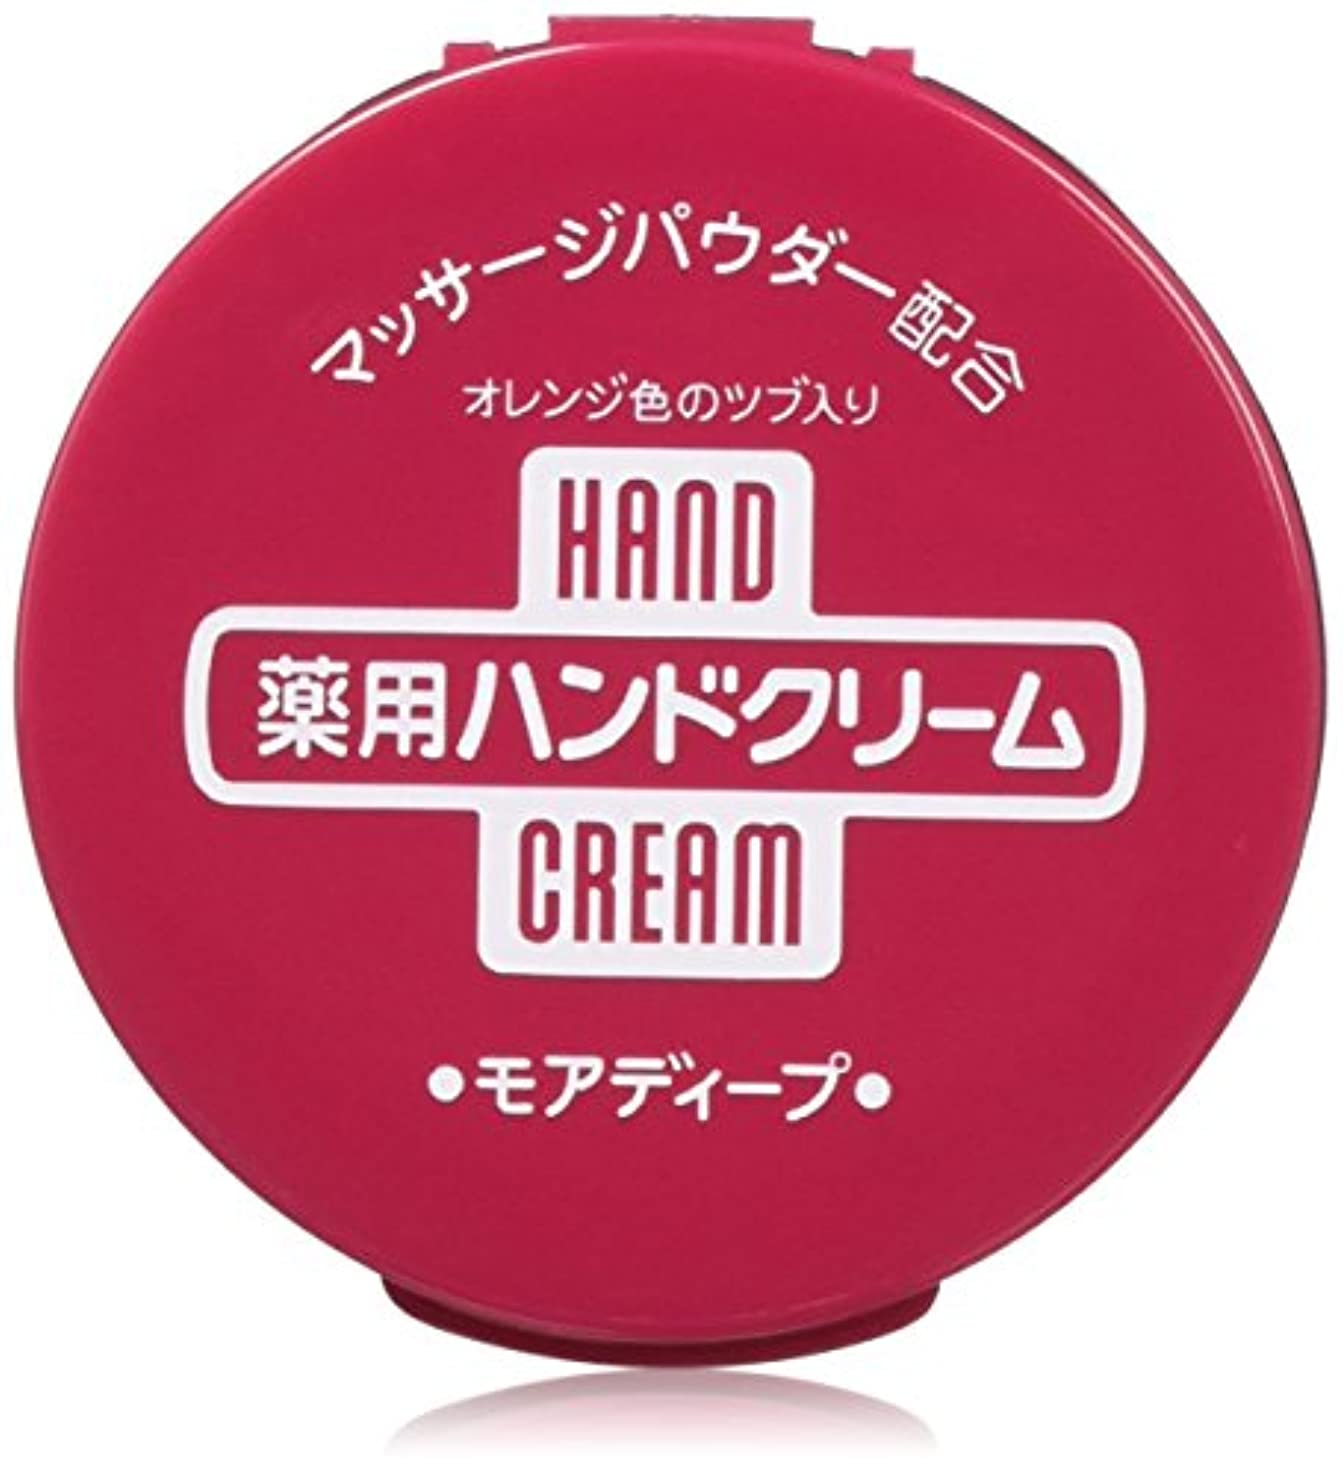 びっくり韻見かけ上【まとめ買い】薬用ハンドクリーム モアディープ 100g×12個